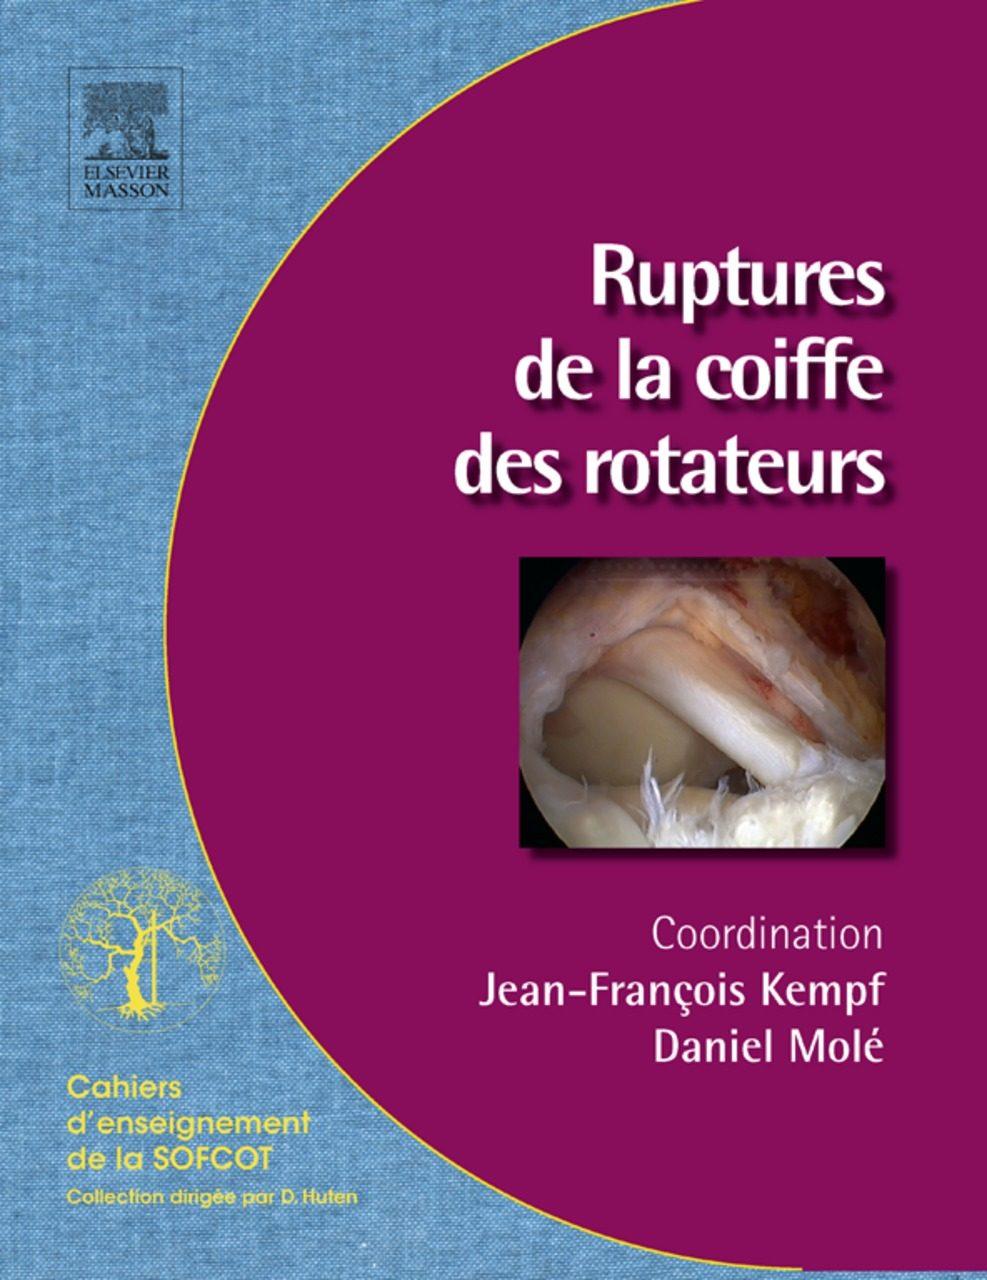 «Ruptures De La Coiffe Des Rotateurs»: FB2 iBook EPUB por Jean-françois Kempf, Daniel Molé 978-2294725784